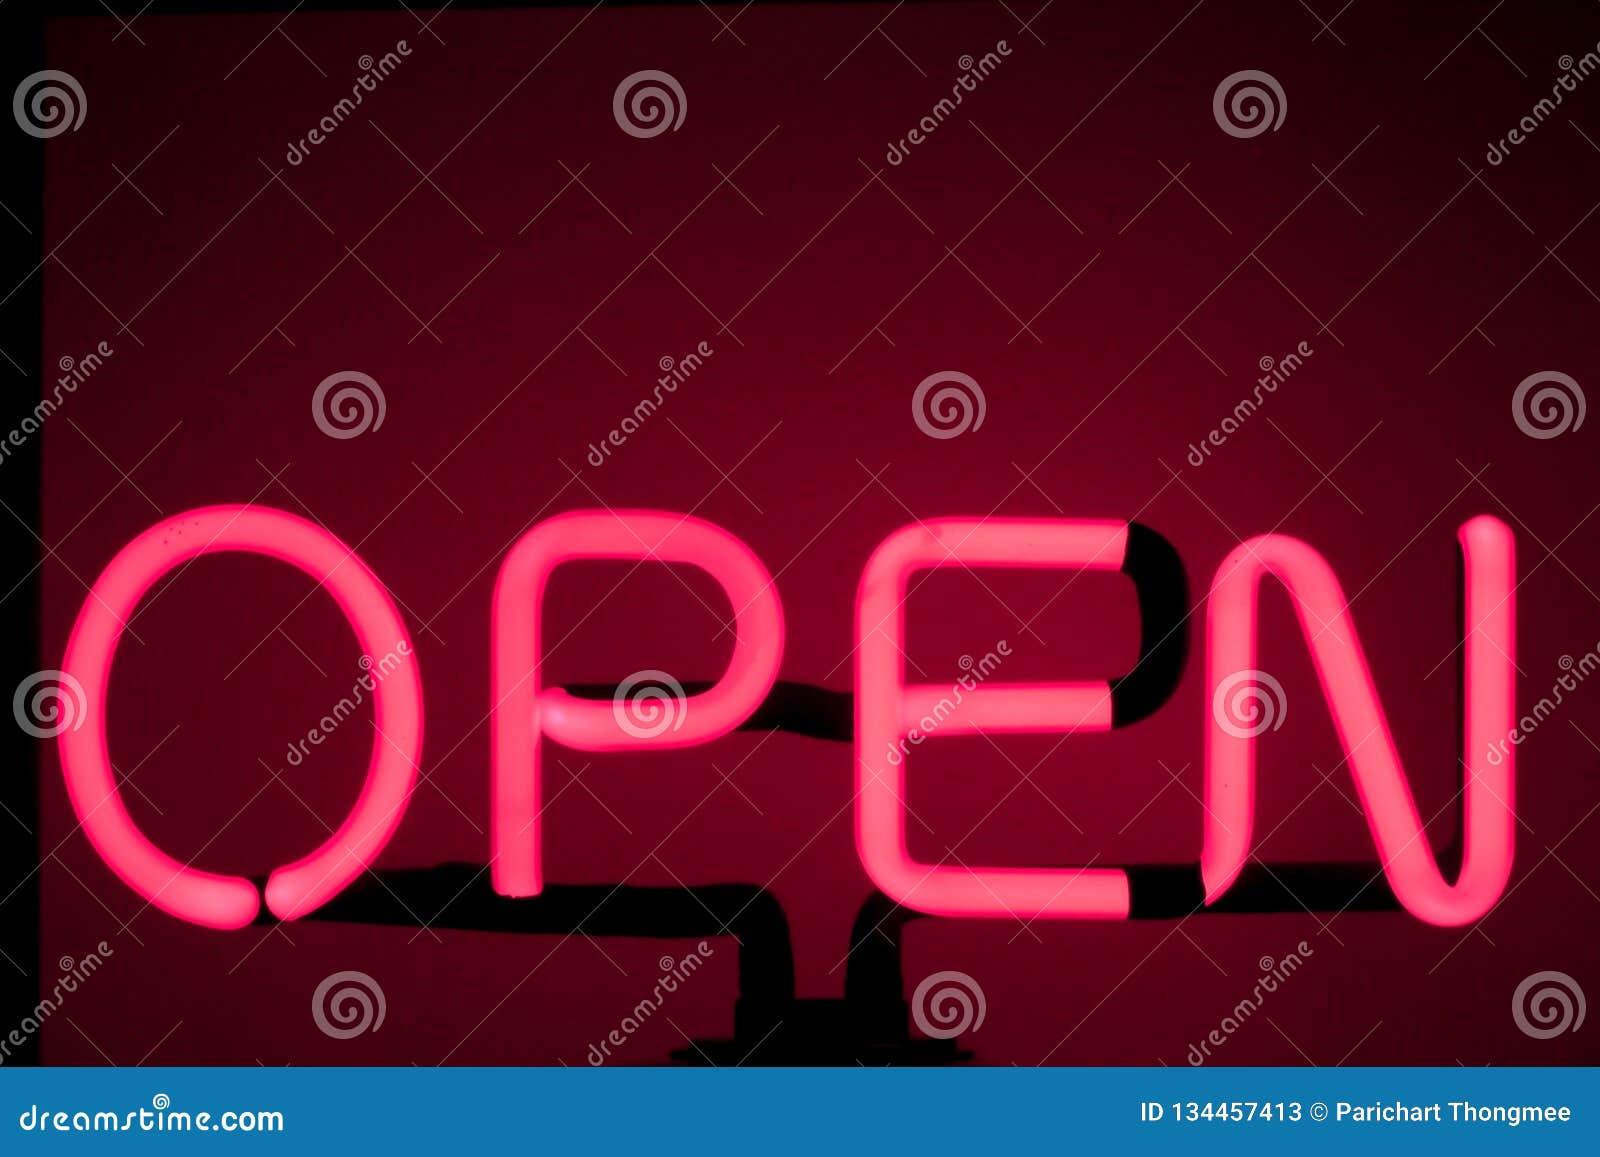 Bakgrund för rött för stång 'för öppet 'tecken för neon en glödande röd rosa glödande öppet ljust för neon för tecken lager för n